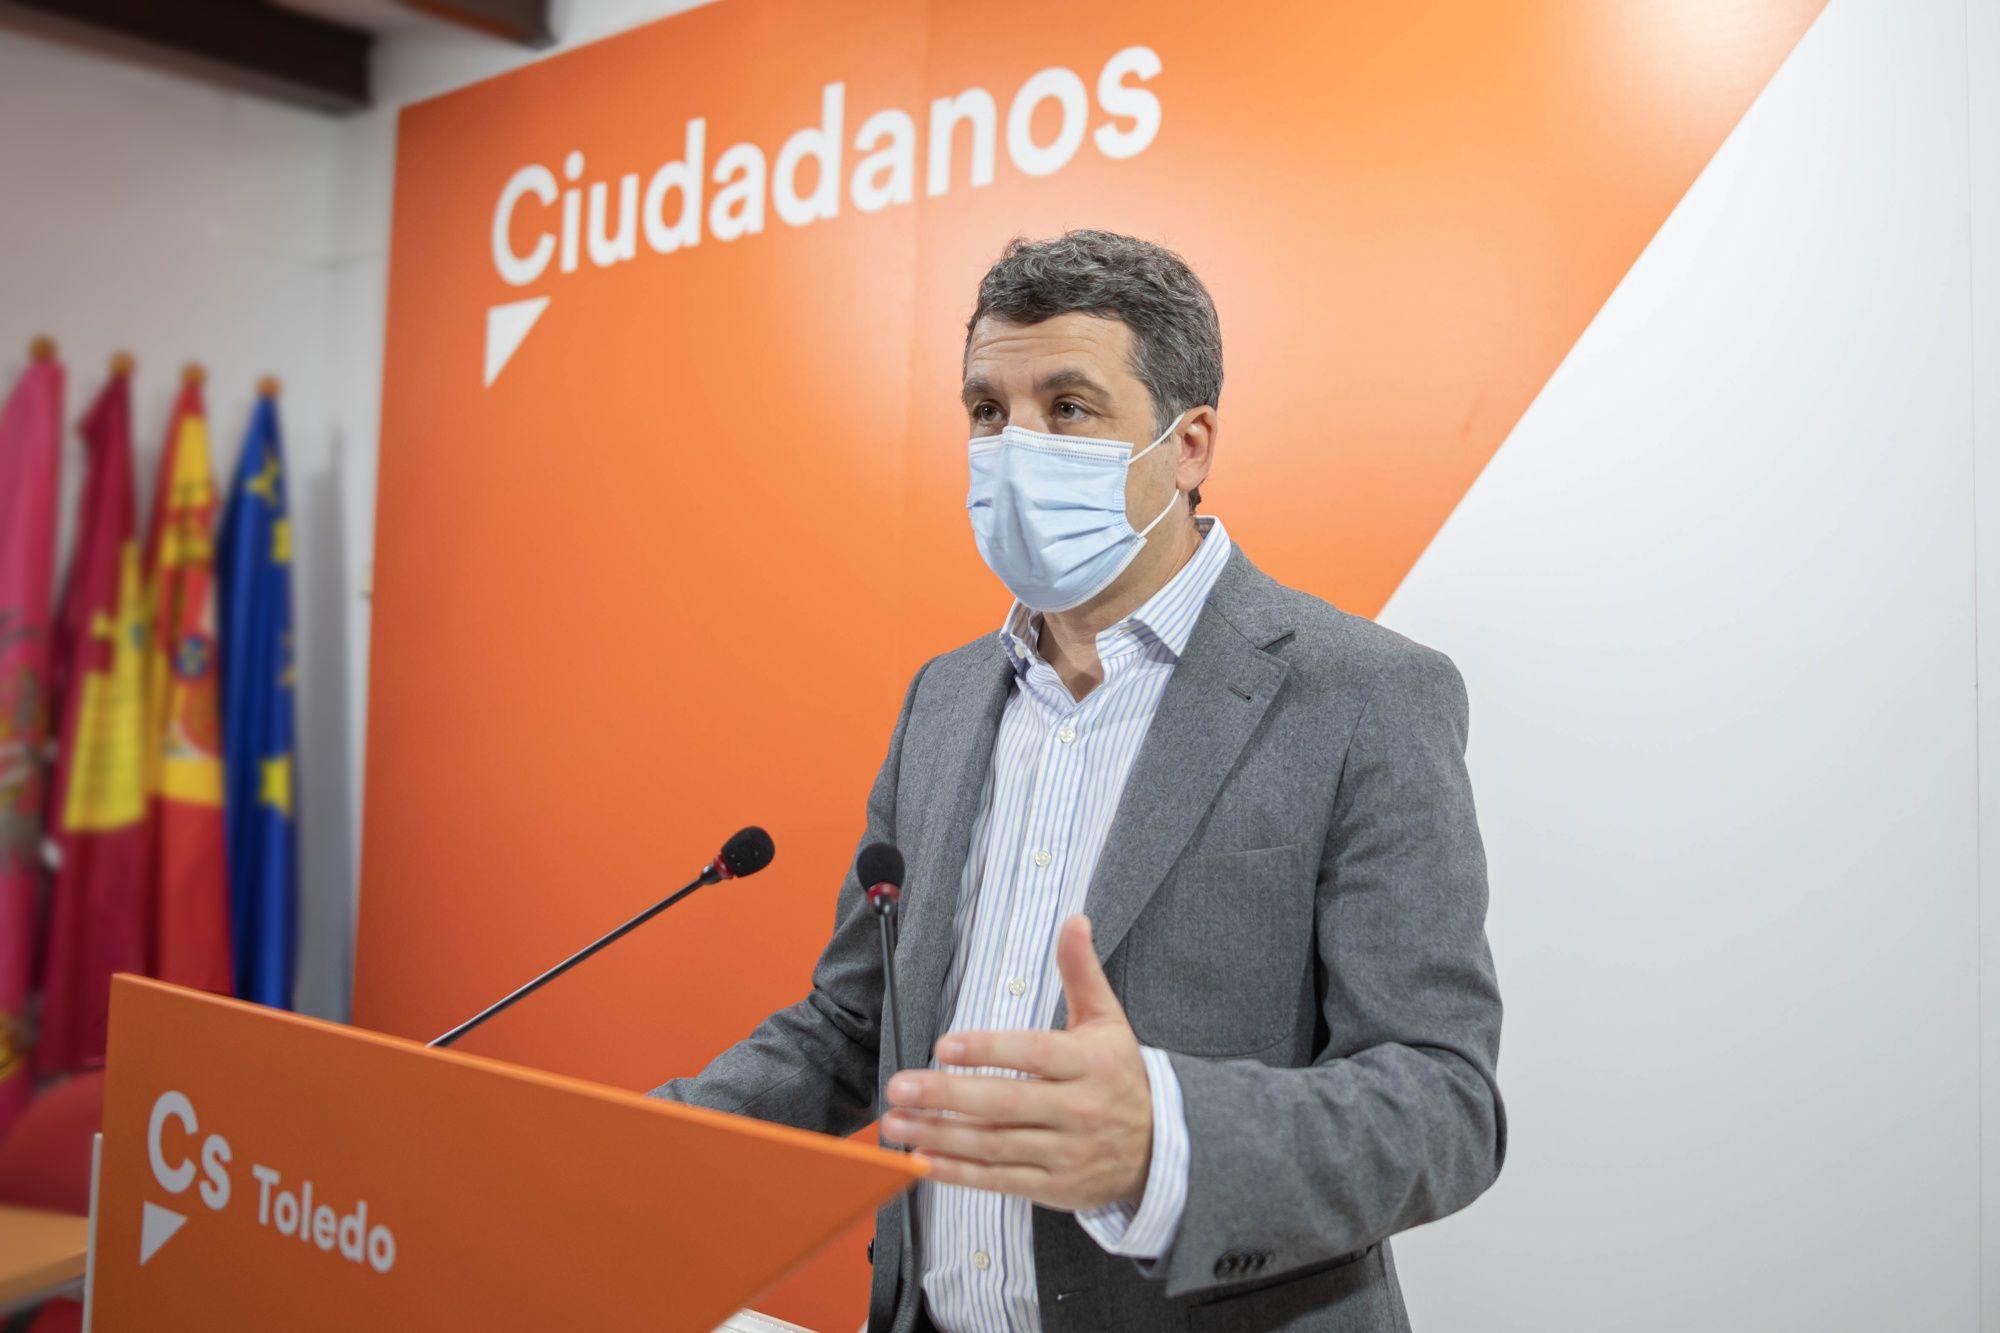 """Ciudadanos Toledo califica de """"tacaño e insuficiente"""" el plan de 2.400 euros con el que el PSOE quiere apoyar al comercio local"""